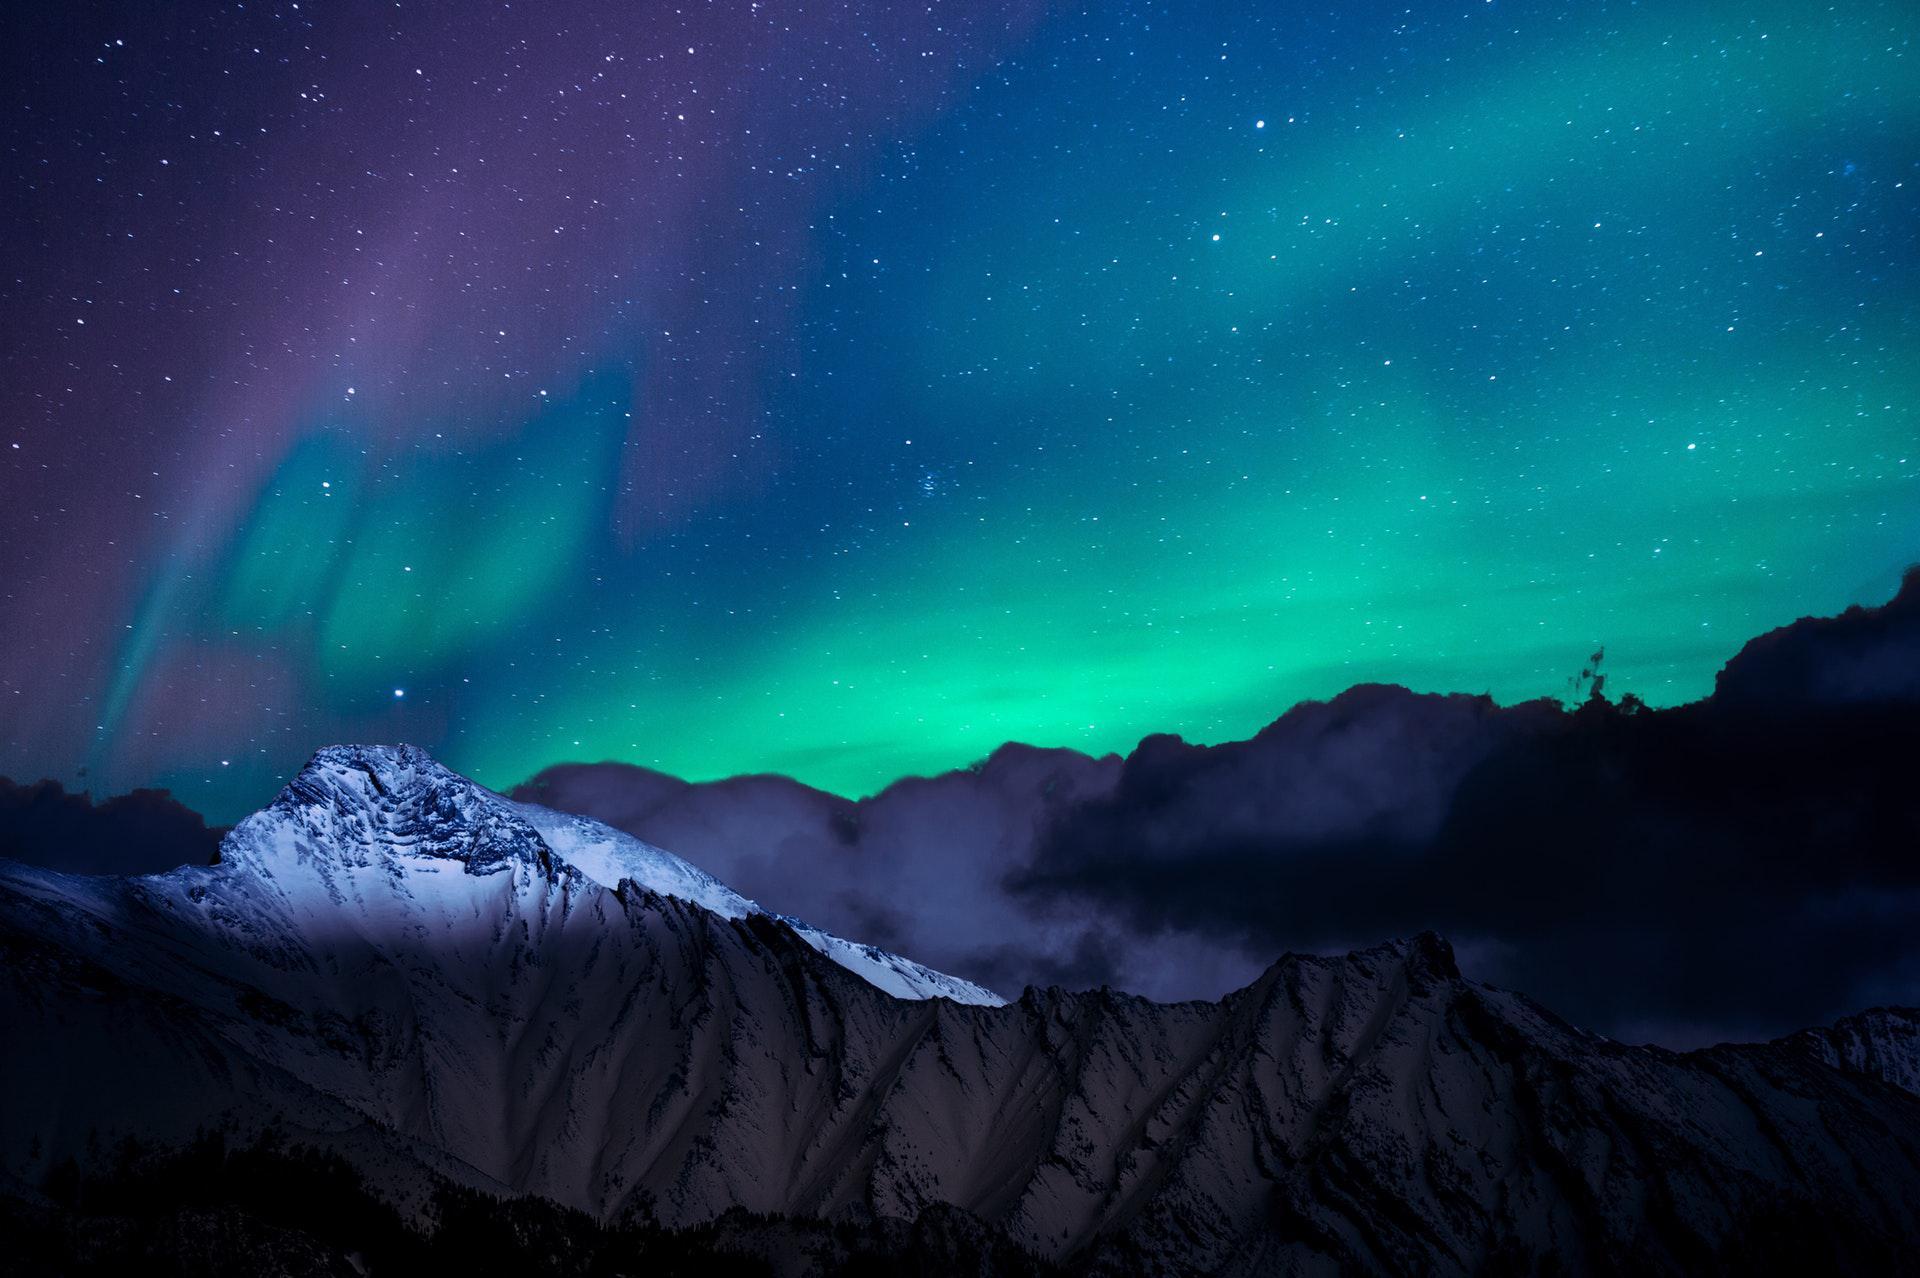 عکس زمینه منظره کوه با چراغ های قطبی پس زمینه